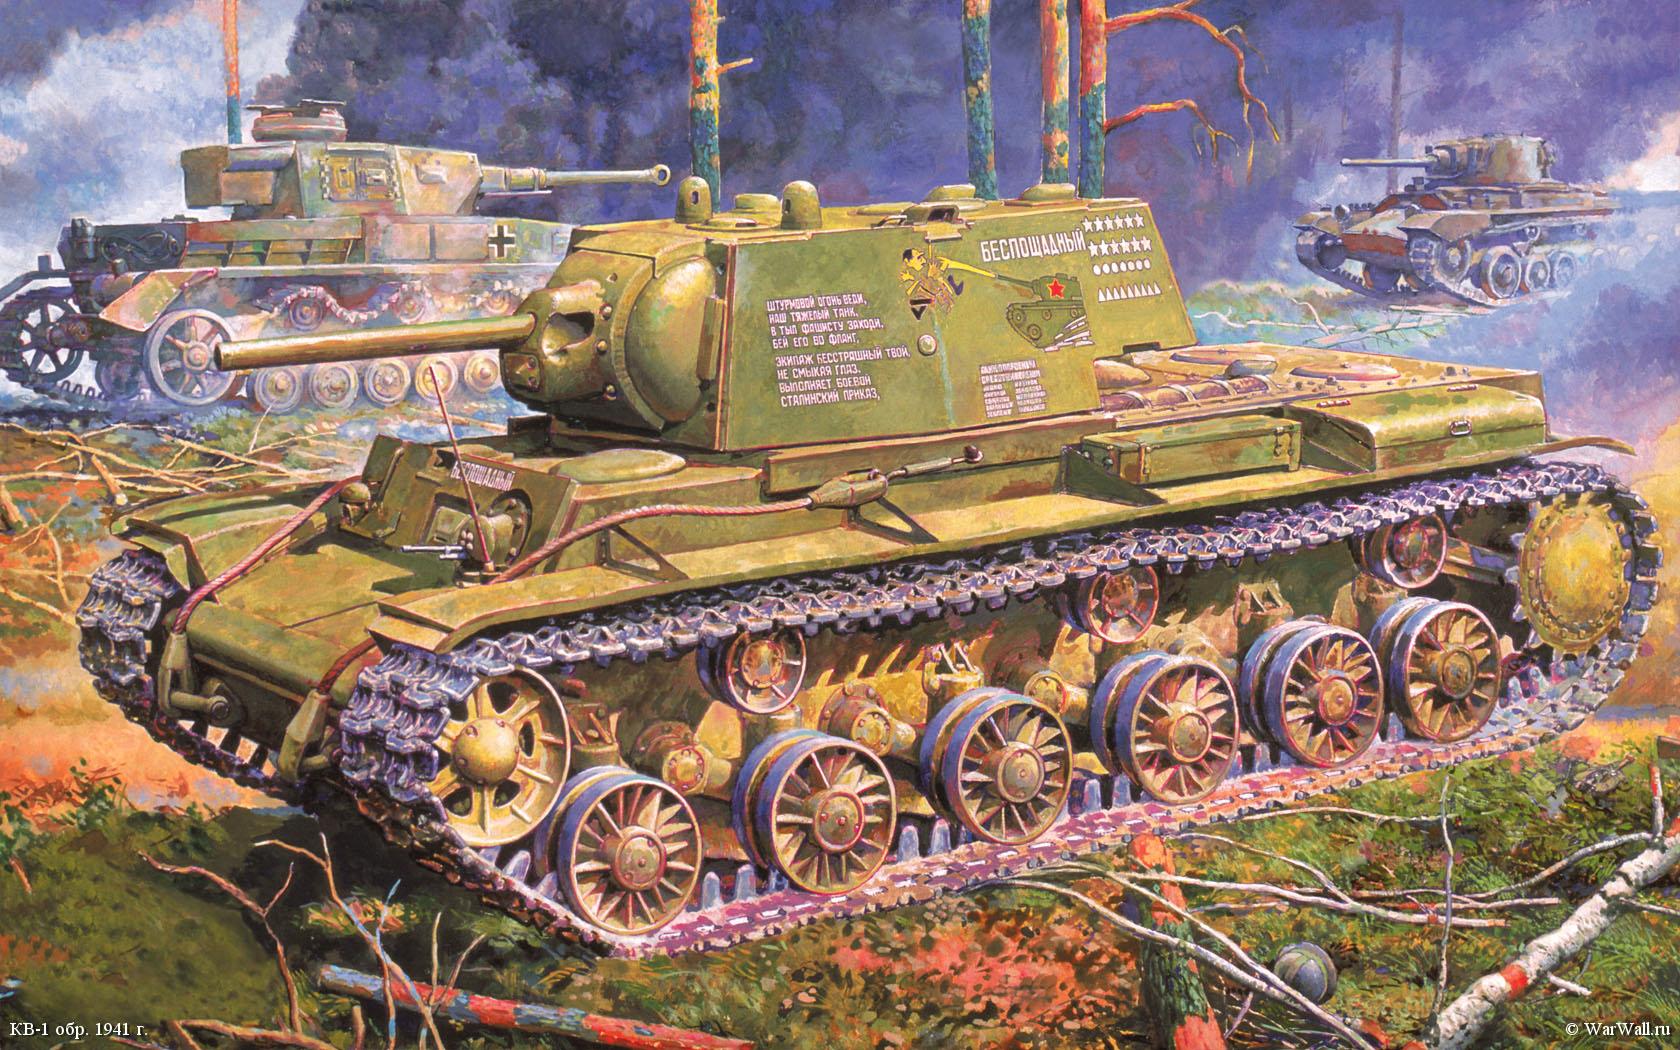 рисунок 35119 Кв-1 обр. 1941 г.